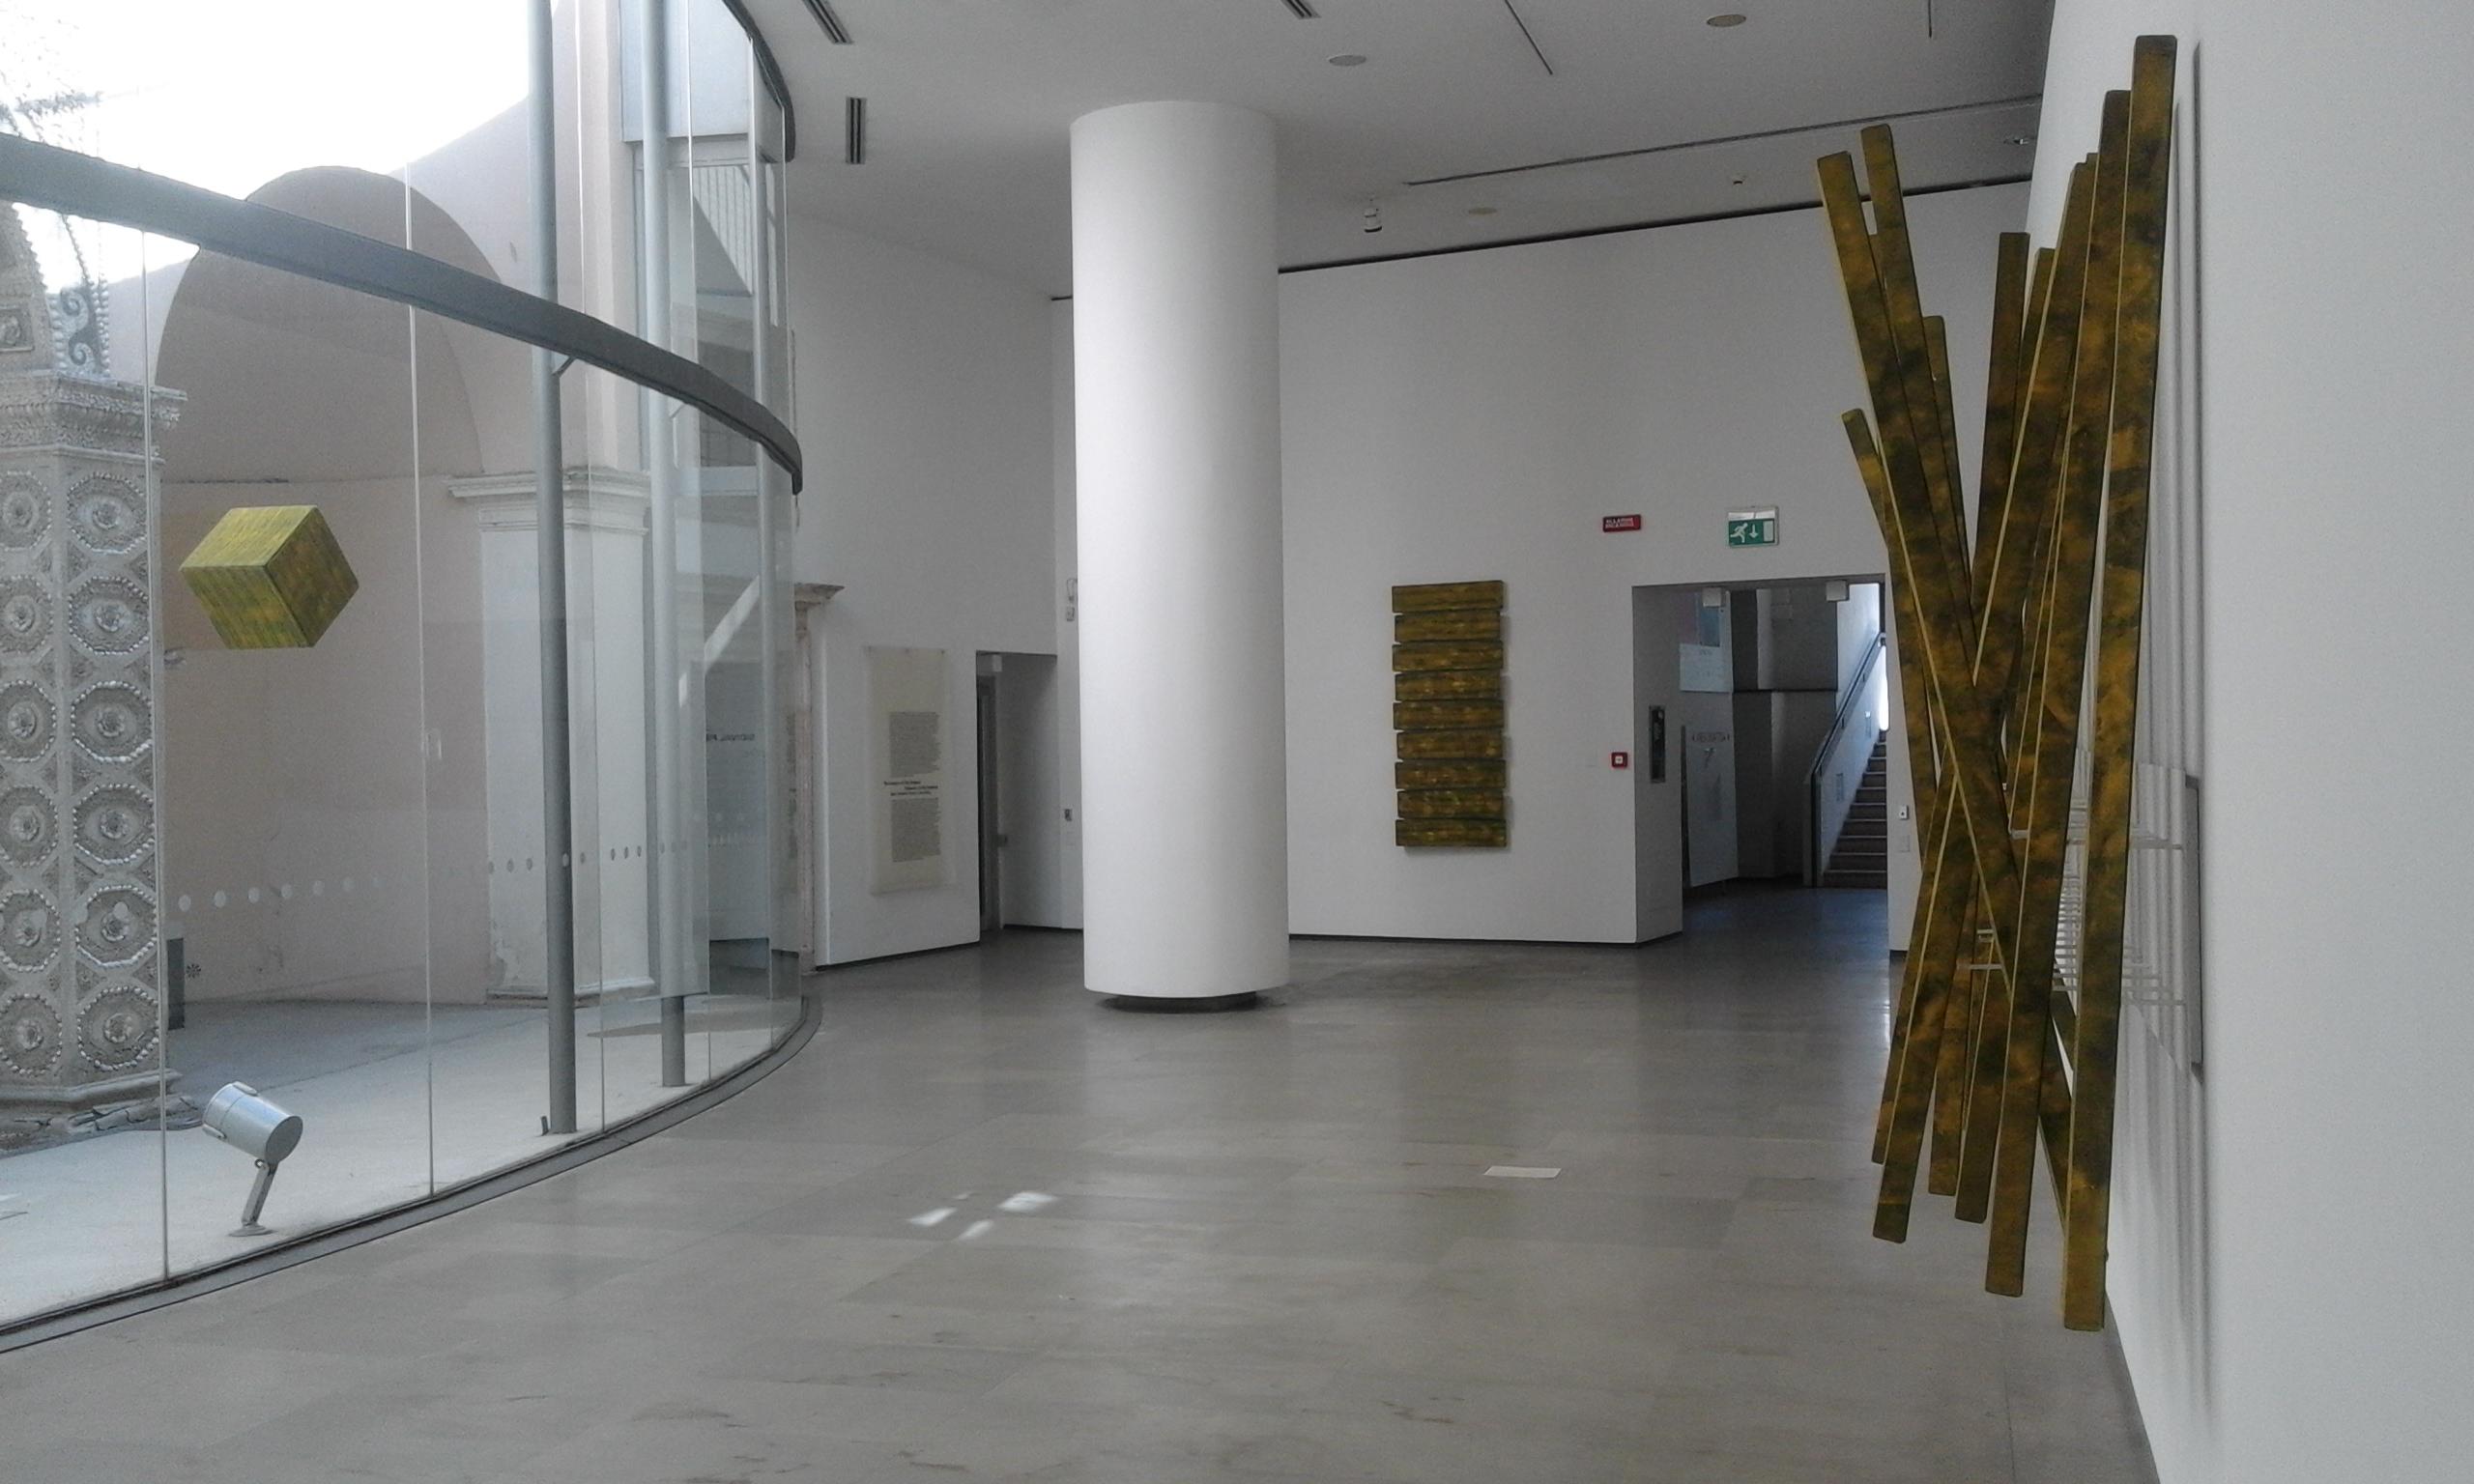 Musée Carlo Bilotti